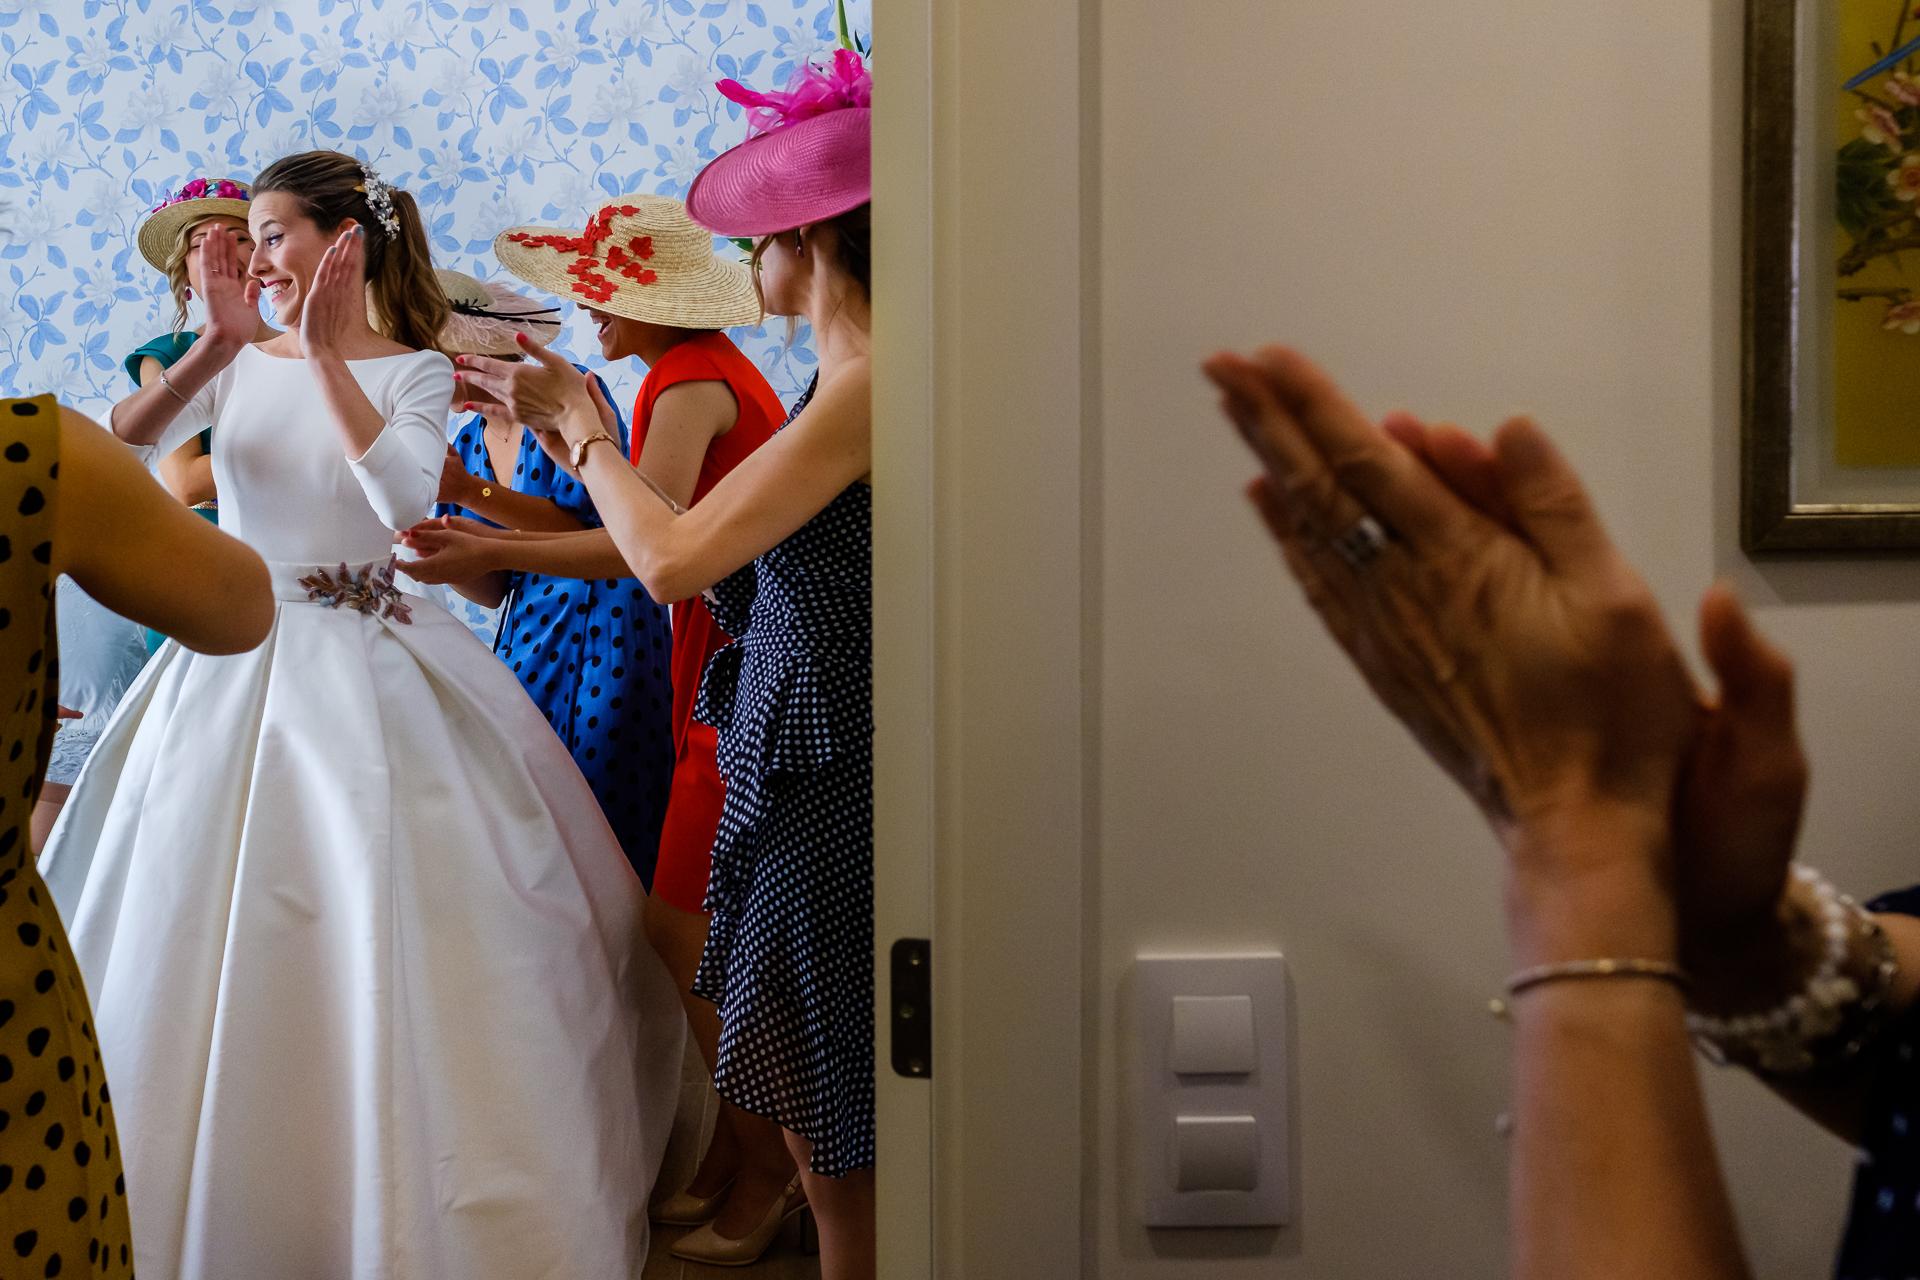 Gli ospiti applaudono la sposa in questa immagine preparatoria composta da un fotografo di matrimoni in stile documentario.